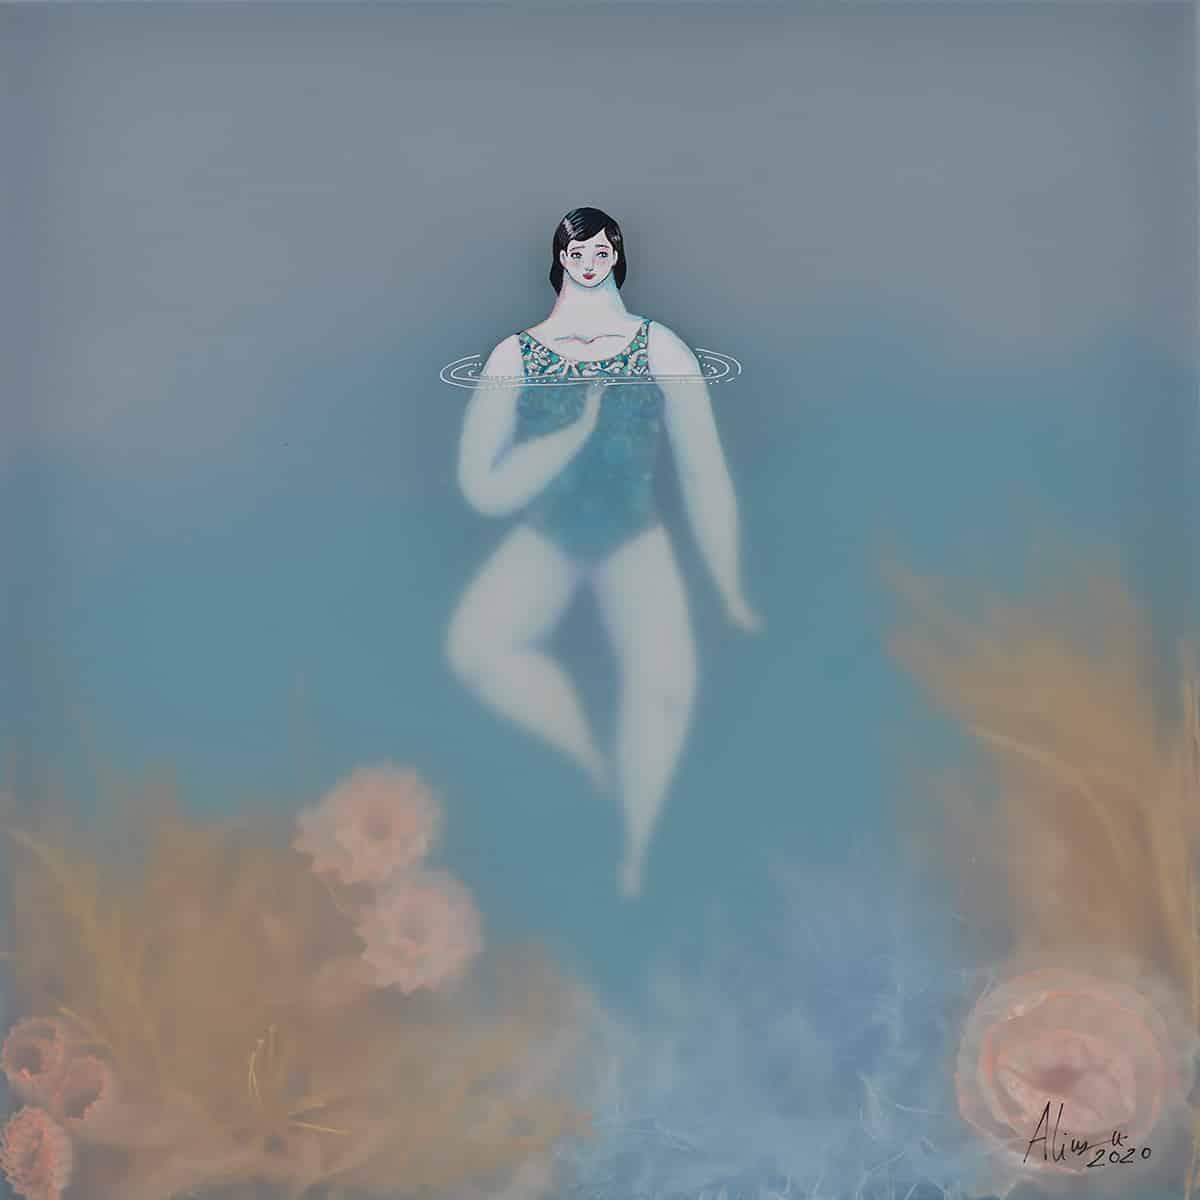 sonia alins mar en calma obra mujeres en agua bath